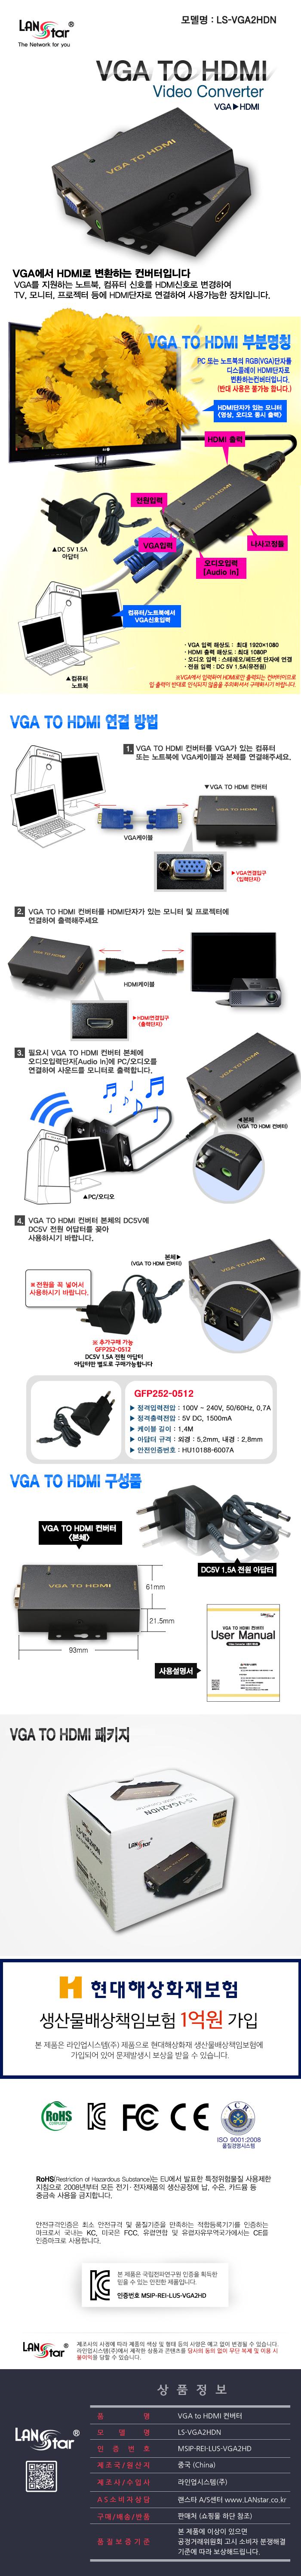 라인업시스템 LANSTAR VGA to HDMI 변환 컨버터 (LS-VGA2HDN)